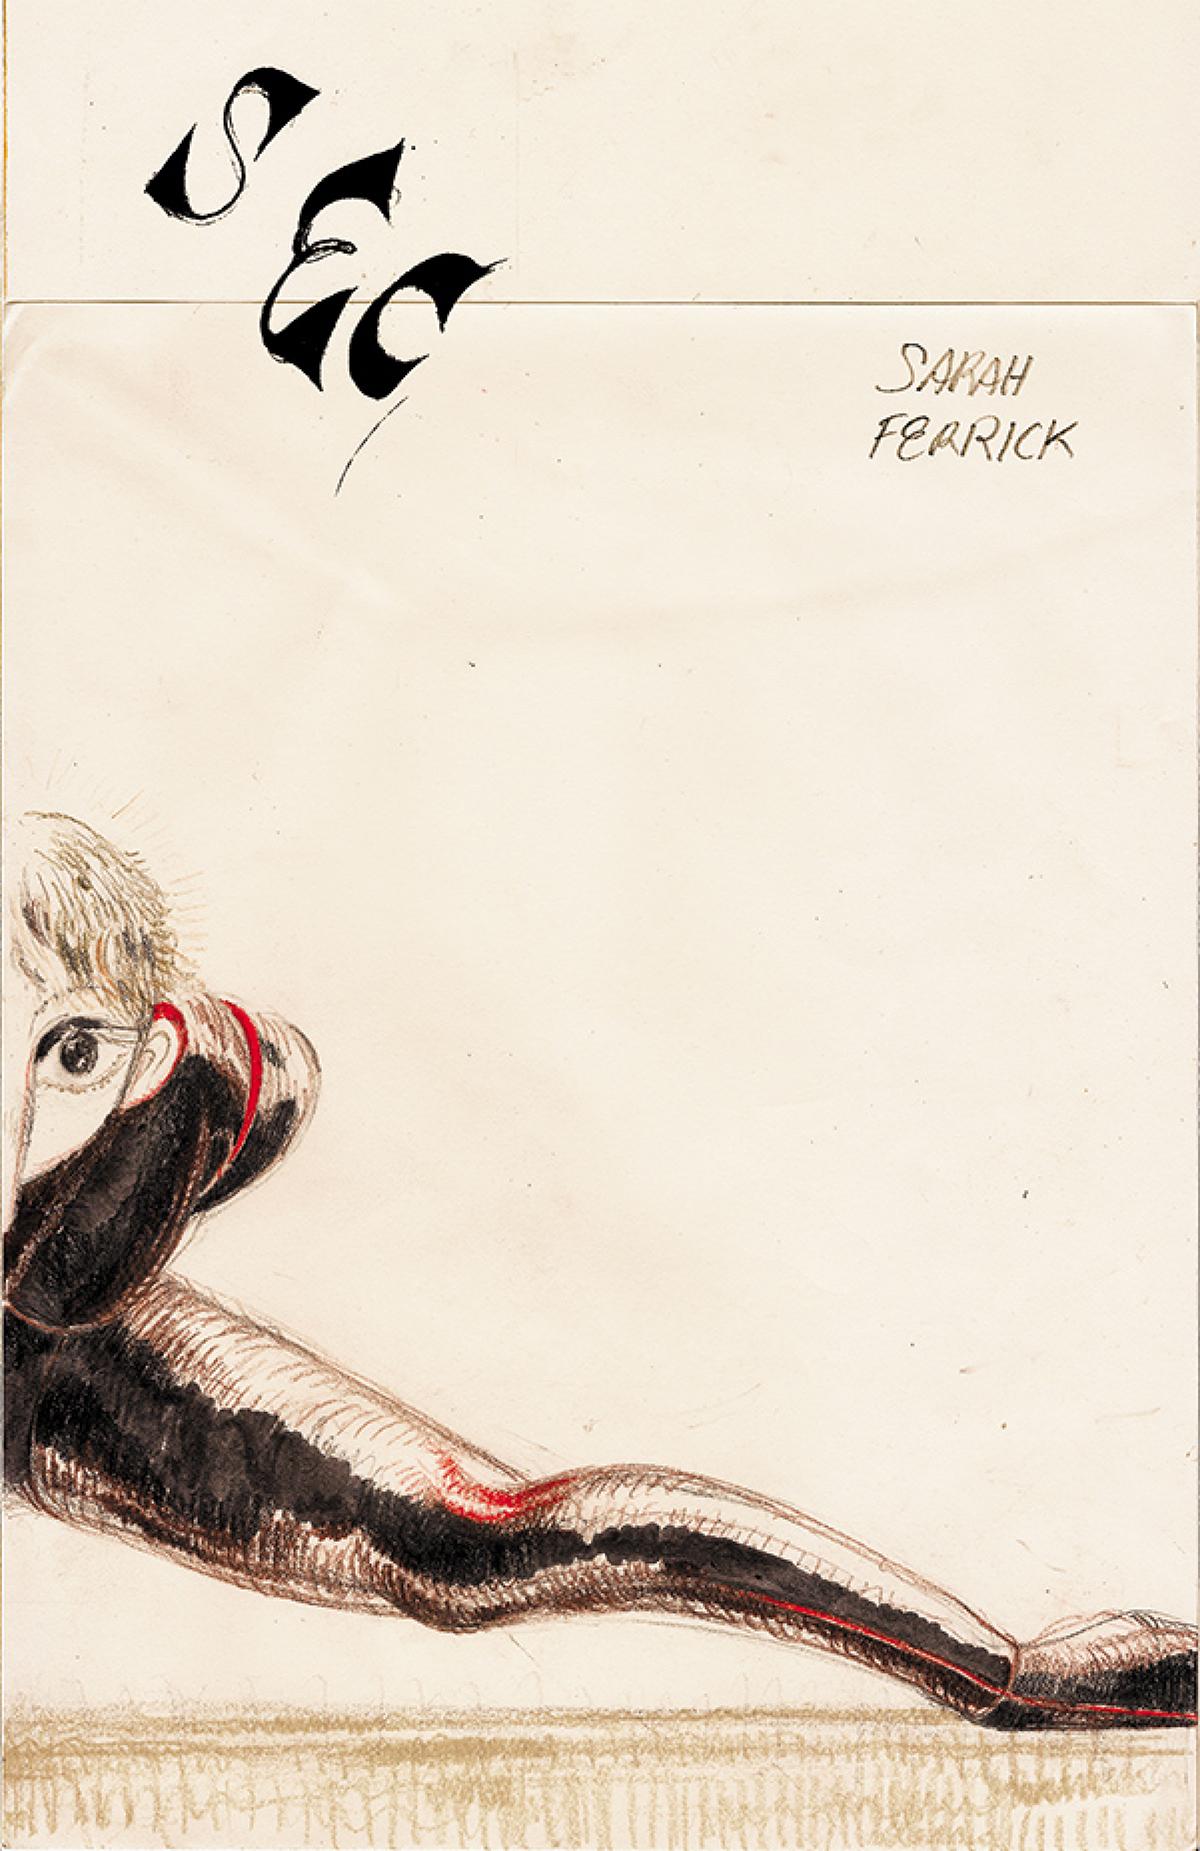 SEC-cover-art